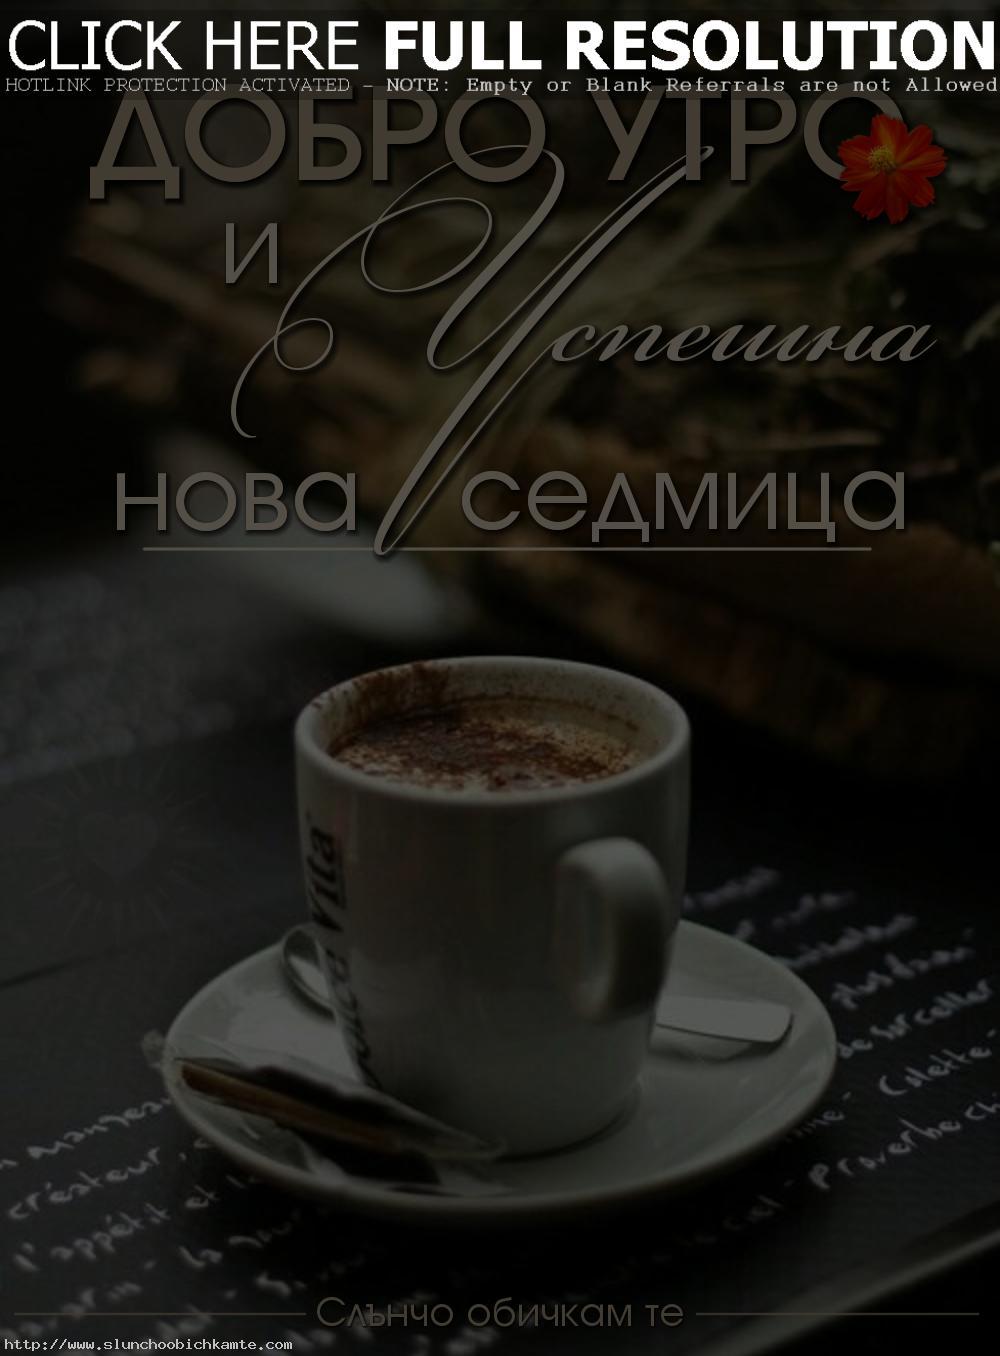 Добро утро и успешна нова седмица - пожелания за добро утро, добро утро и усмихнат ден, добро утро и слънчев ден, добро утро кафе, добро утро цветя, добро утро приятели, добро утро нова седмица, добро утро понеделник, успешна седмица, нова седмица, пожелания за добро утро